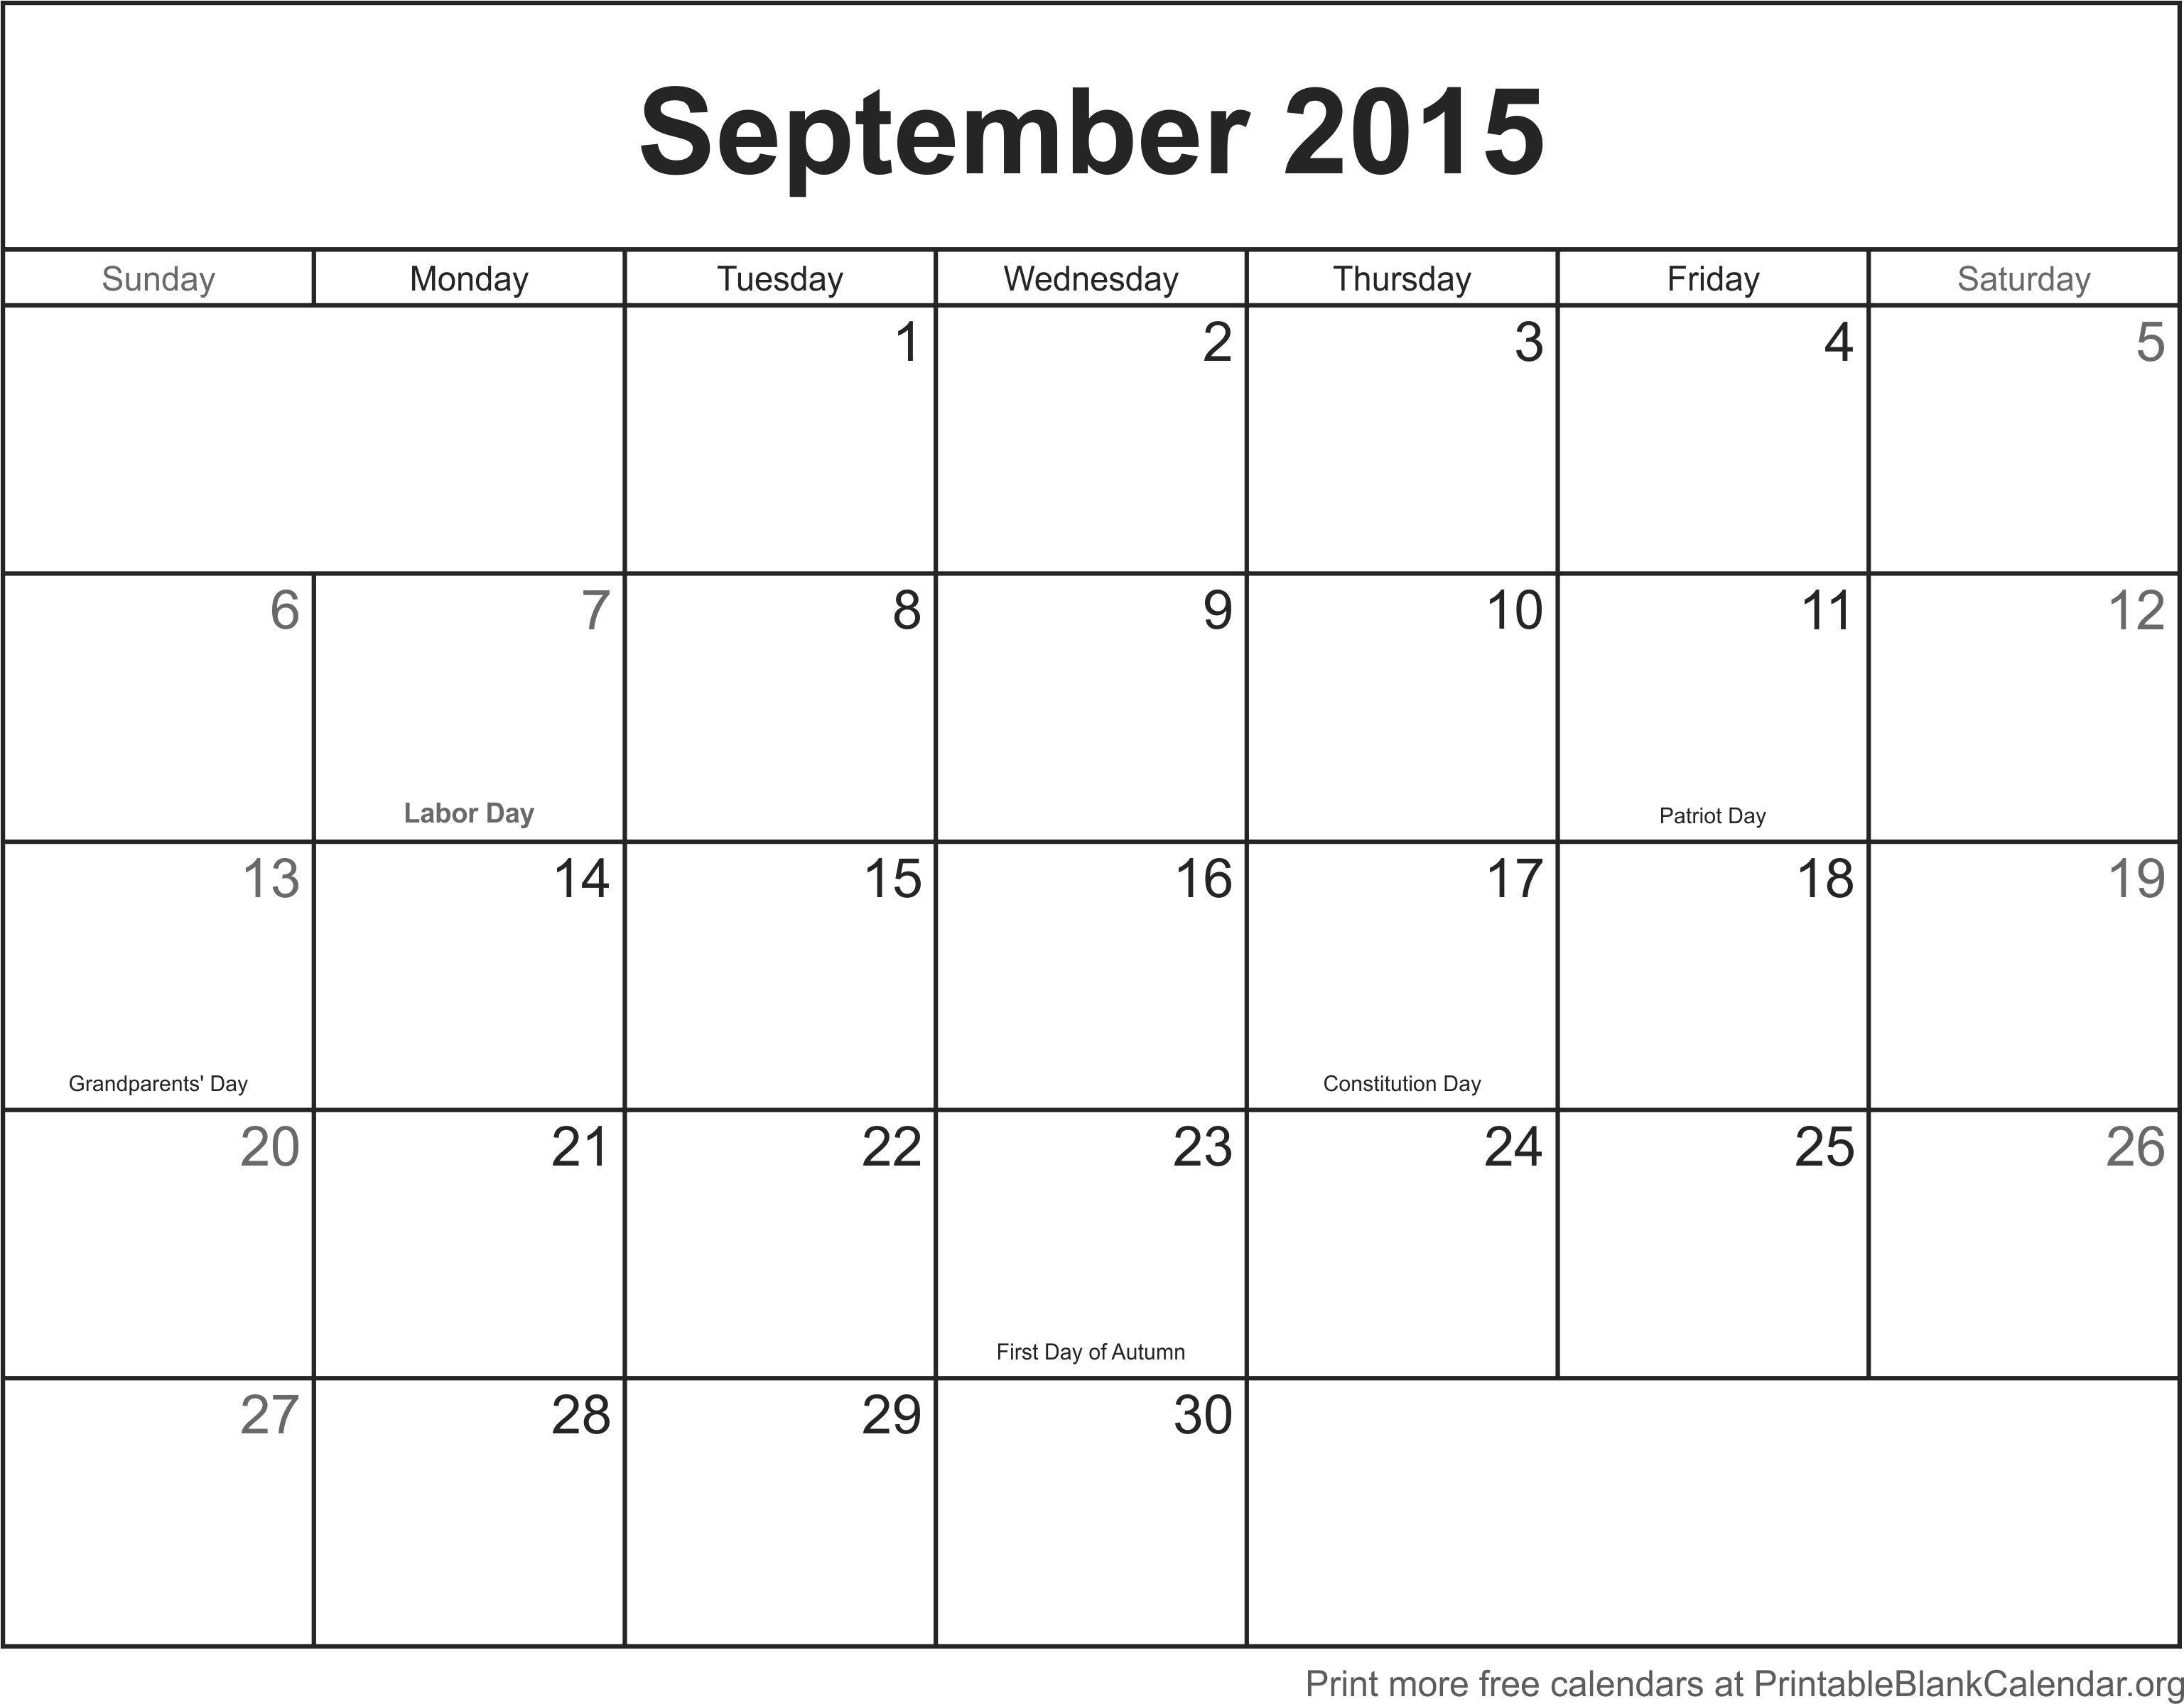 September 2015 Printable Calendar - Printable Blank Calendar intended for Printable Blank Calendar Pages For September